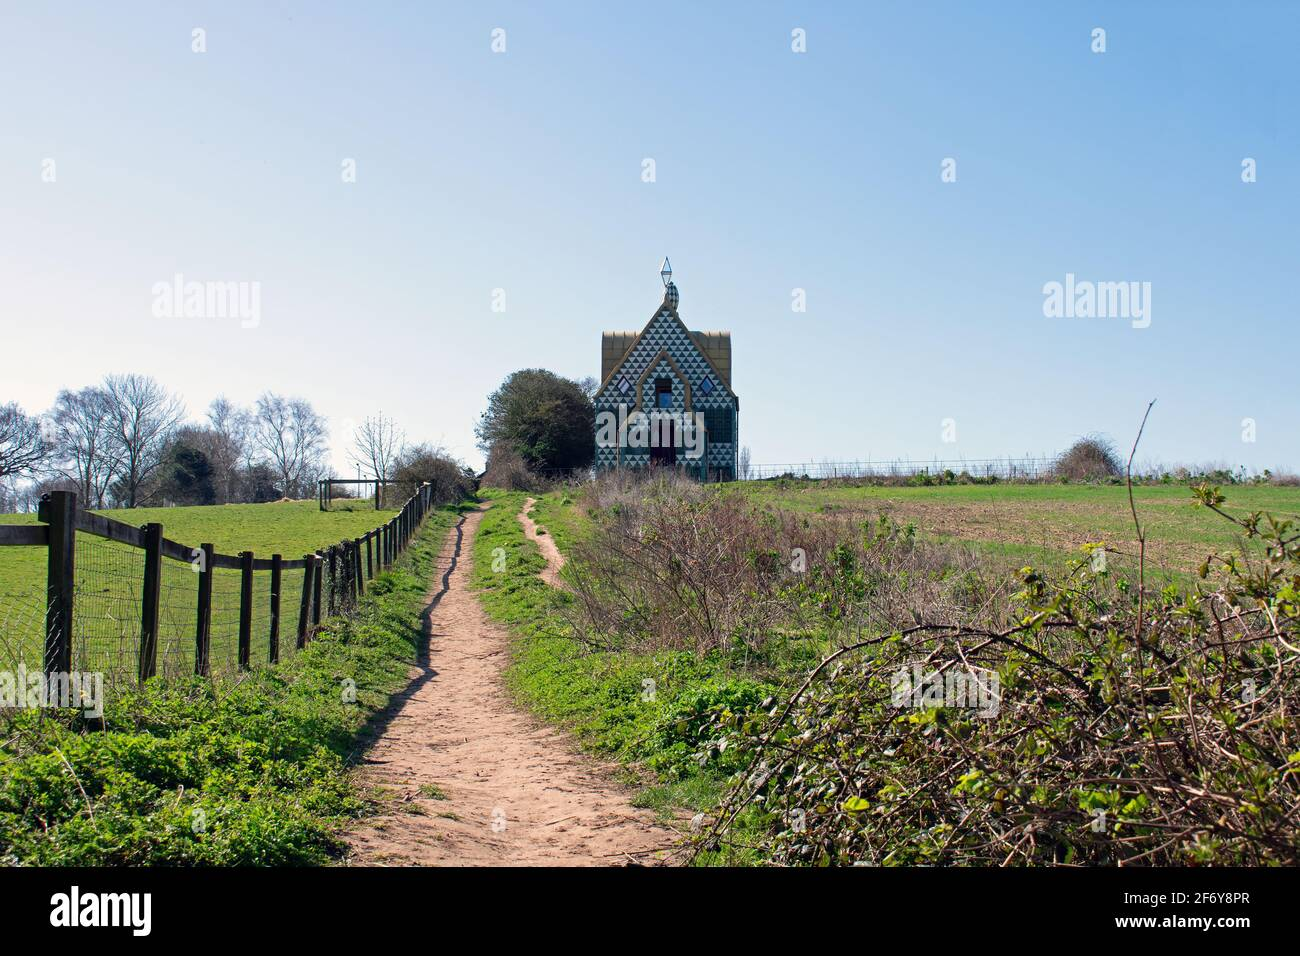 Marcher le long d'un sentier public en haut de la colline vers UNE maison pour Essex par Grayson Perry à Wrabness, Essex, Royaume-Uni Banque D'Images